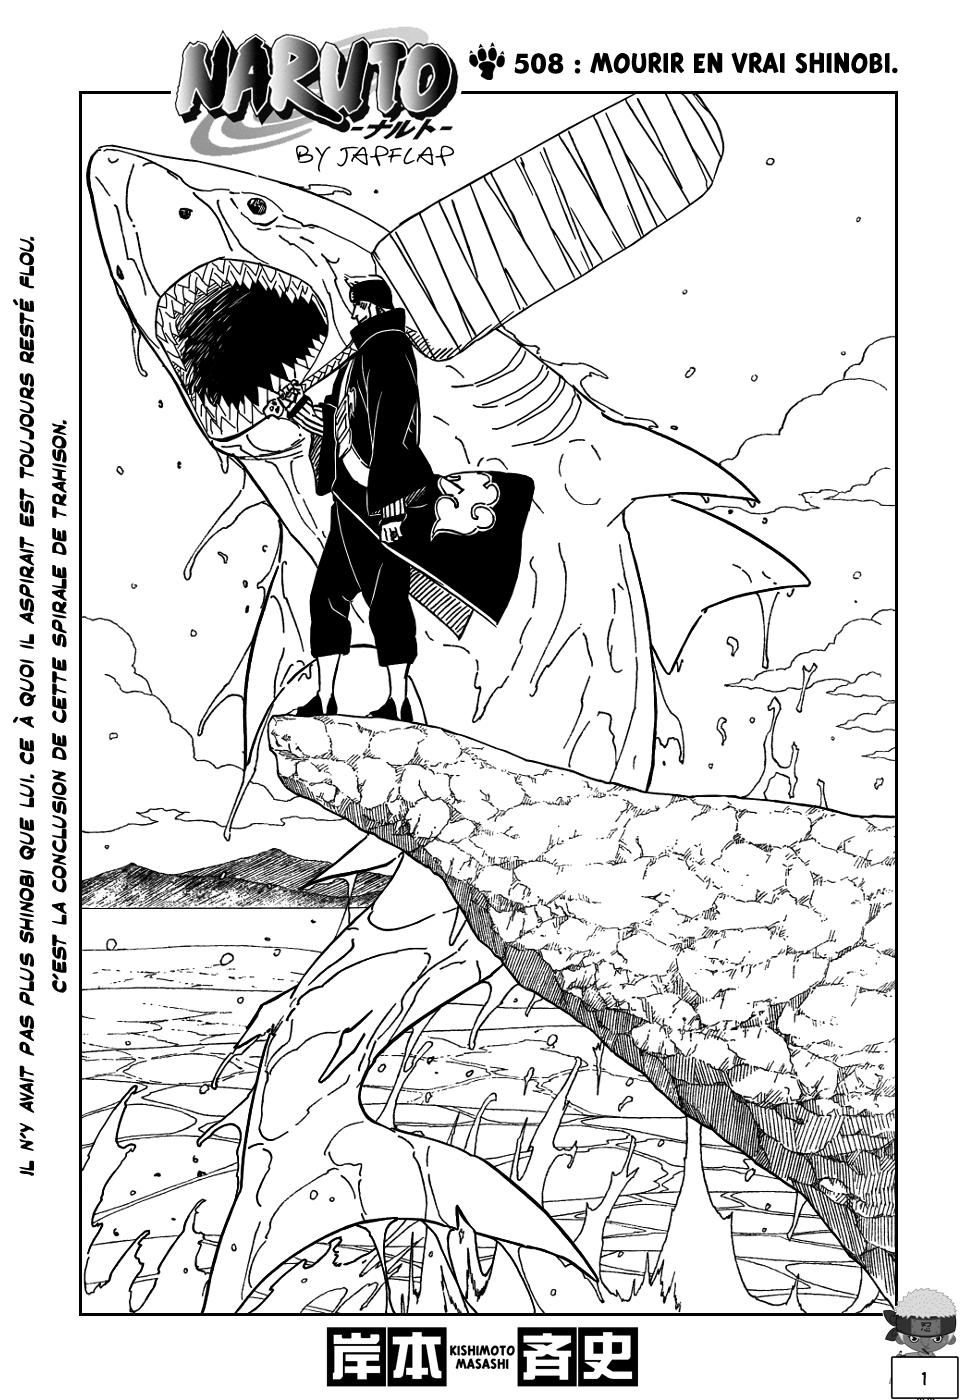 Naruto chapitre 508 - Page 1